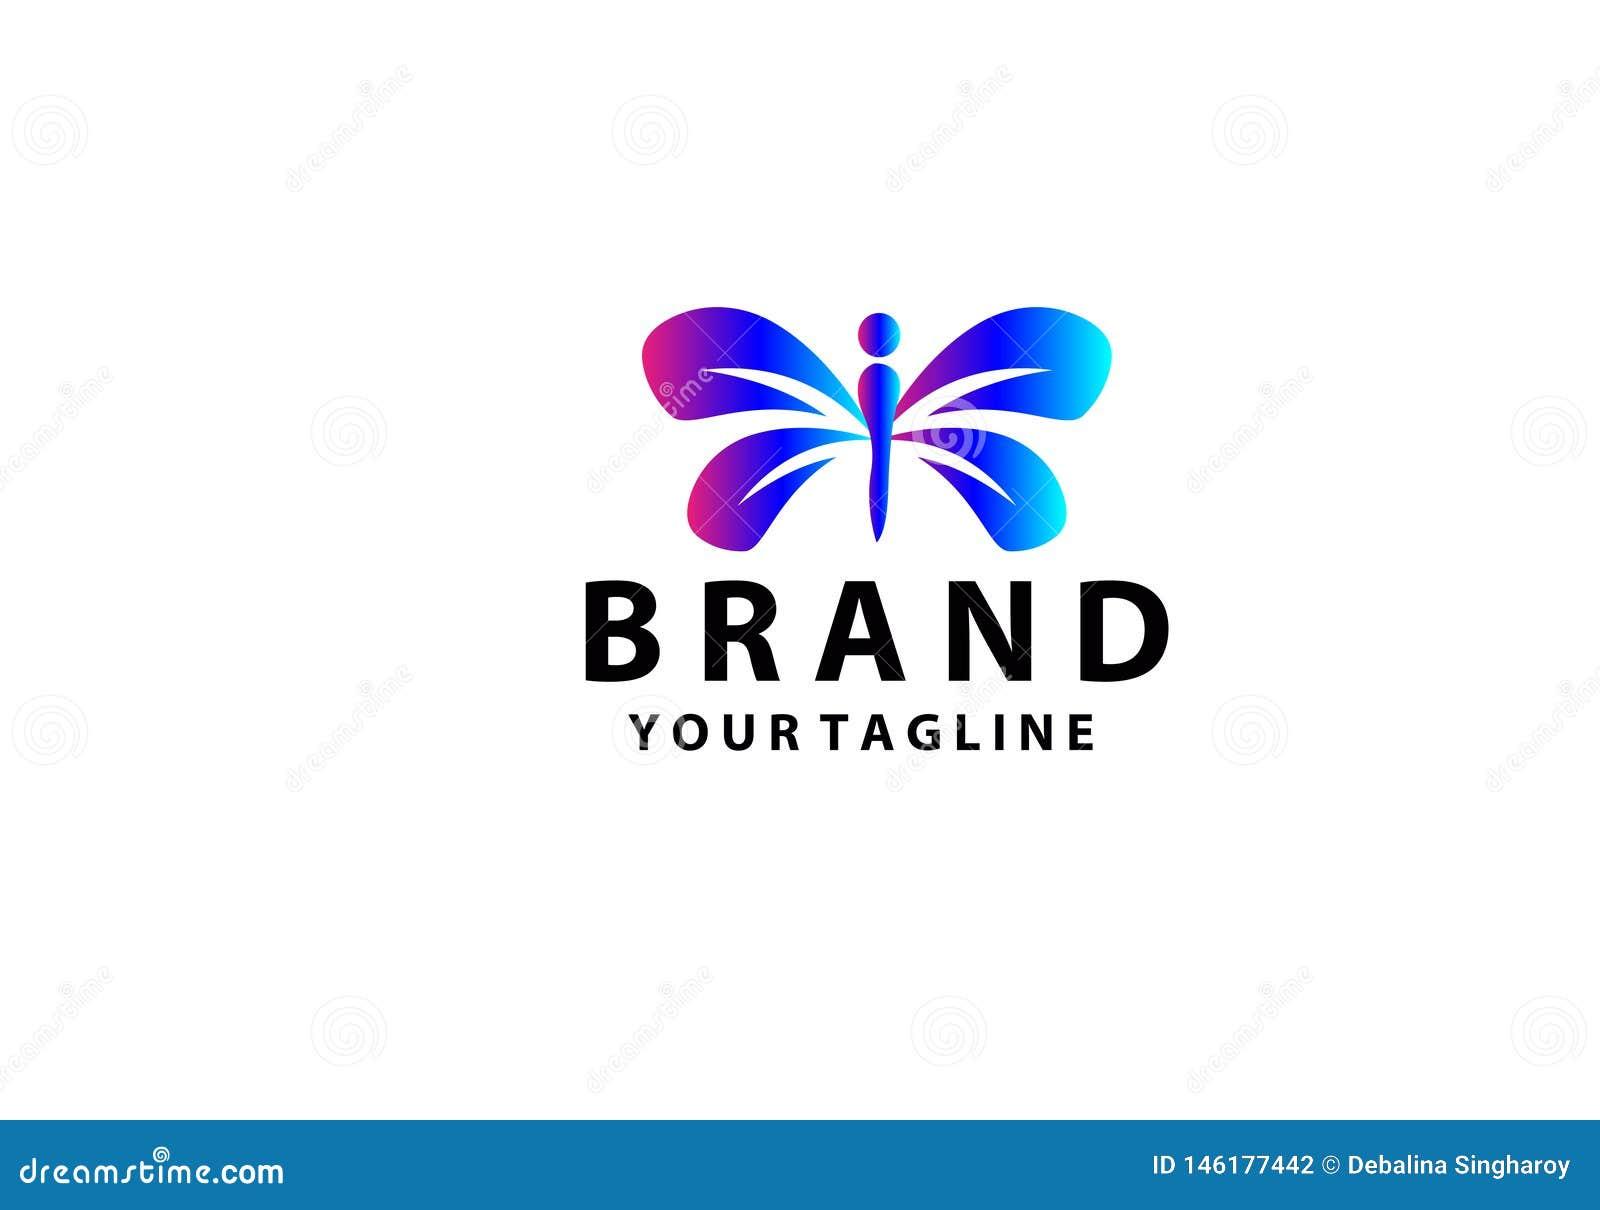 Dise?o del icono de Logo Template Vector de la mariposa de la belleza